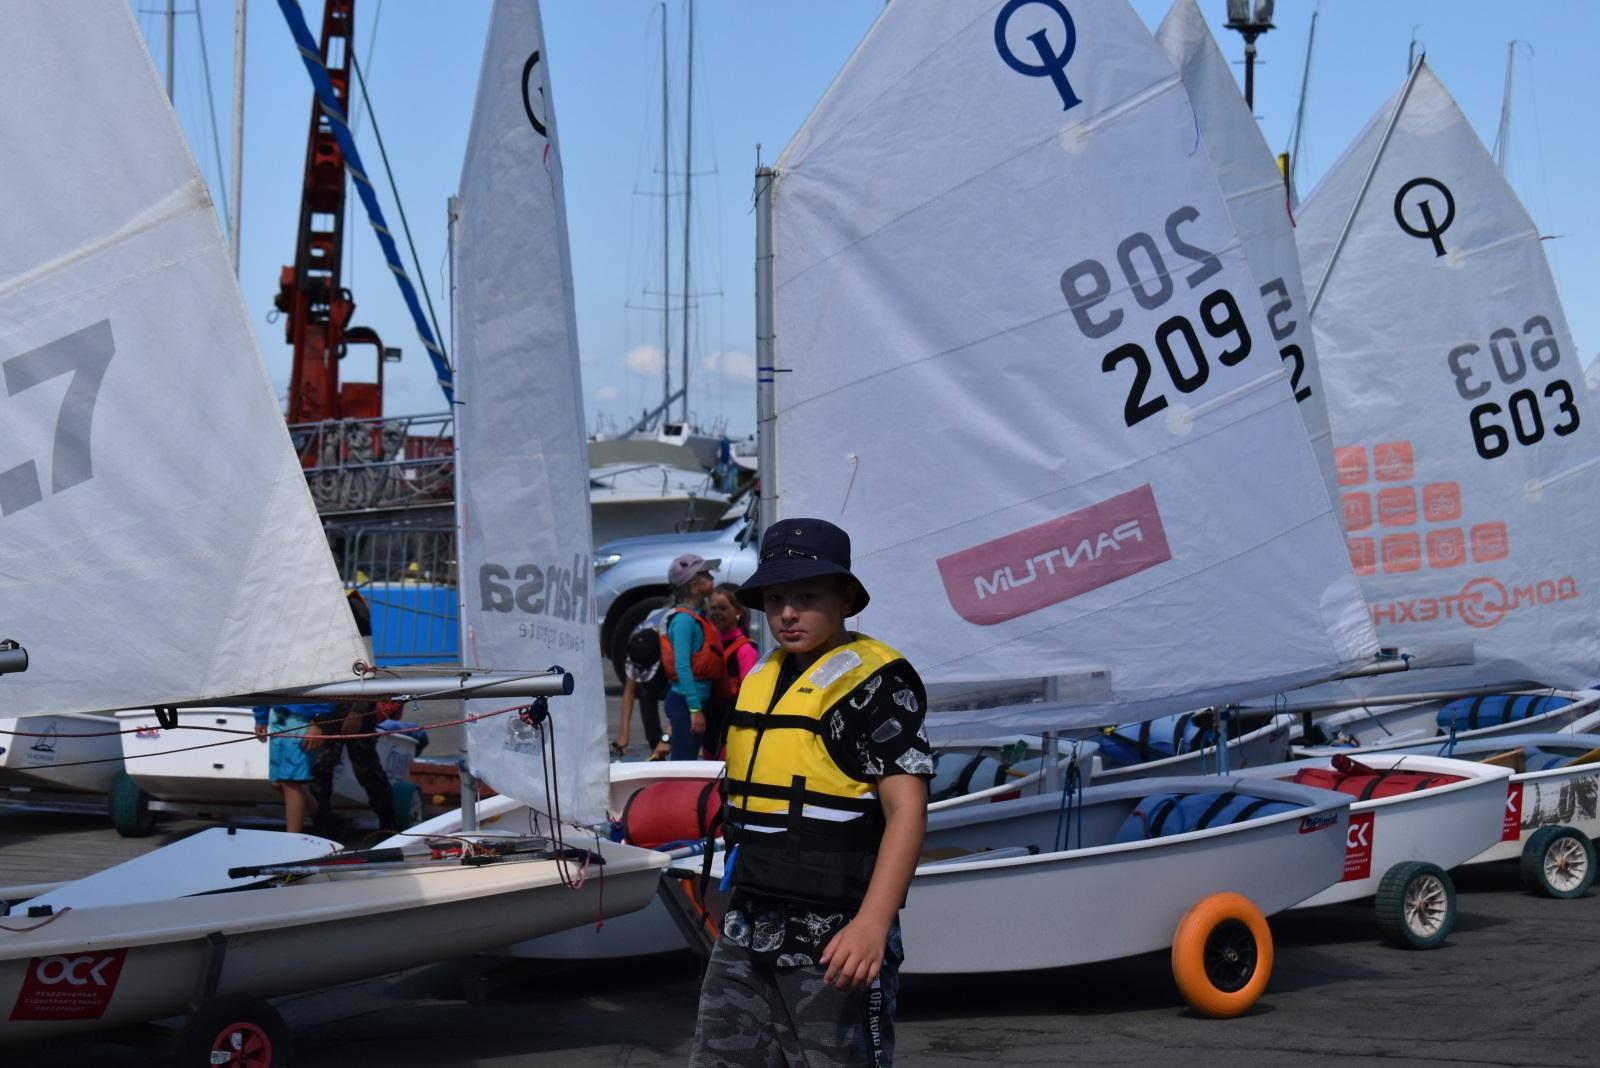 спорт25 парус яхта